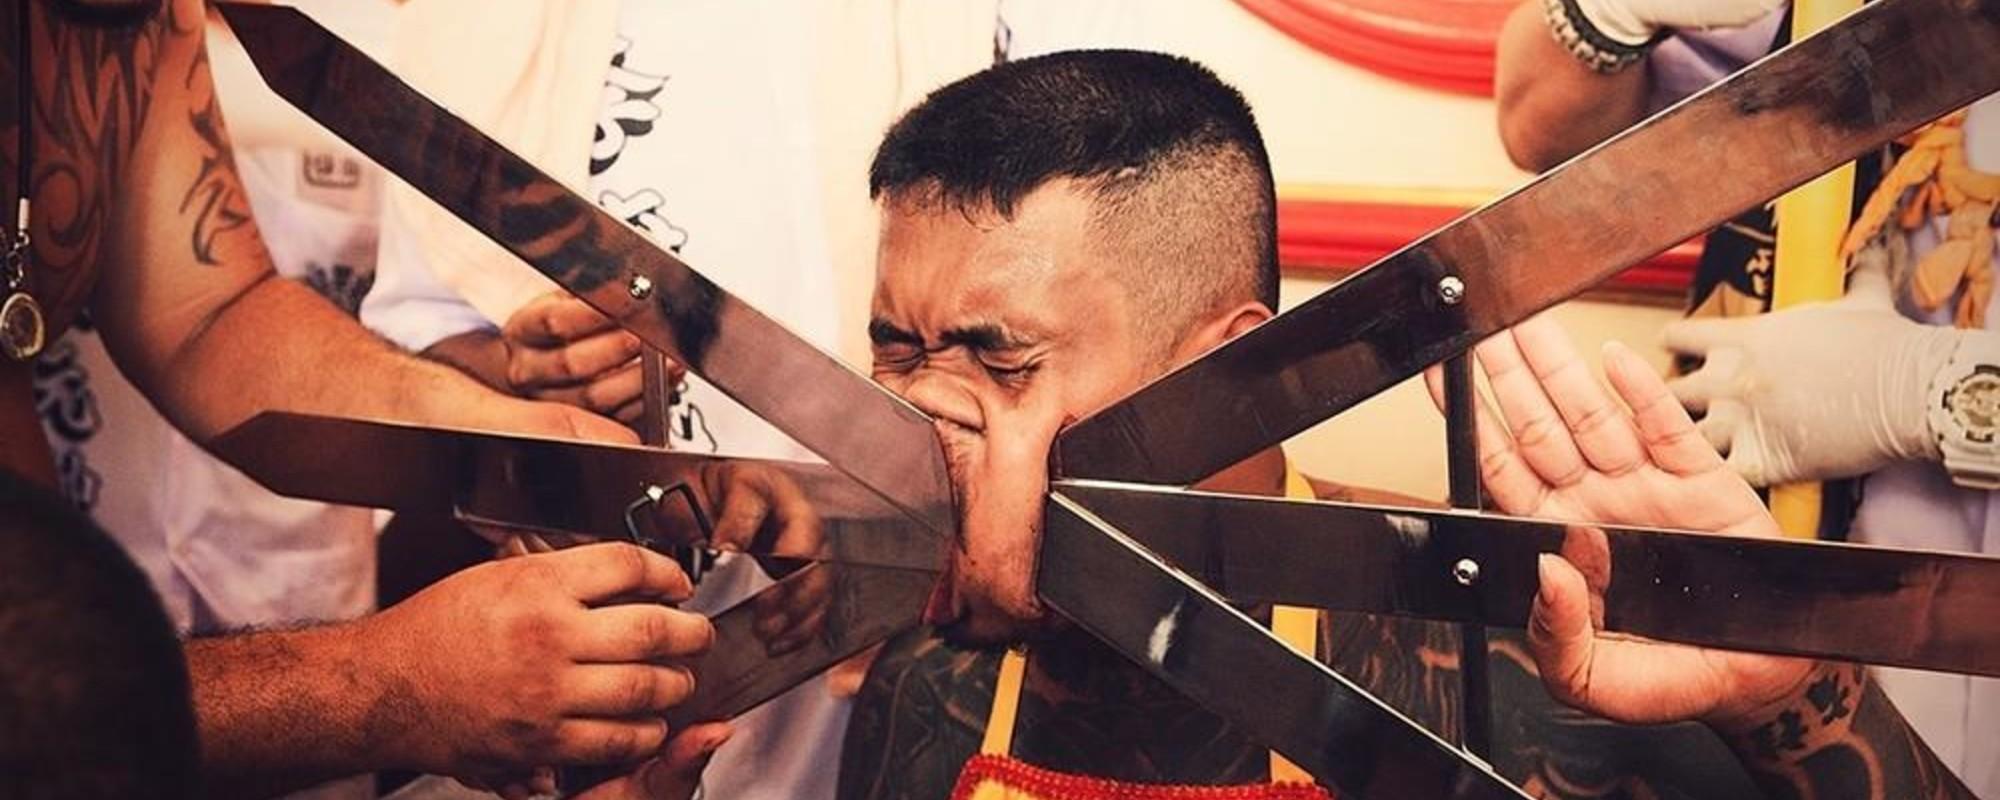 Hombres perforándose la cara en un festival tailandés